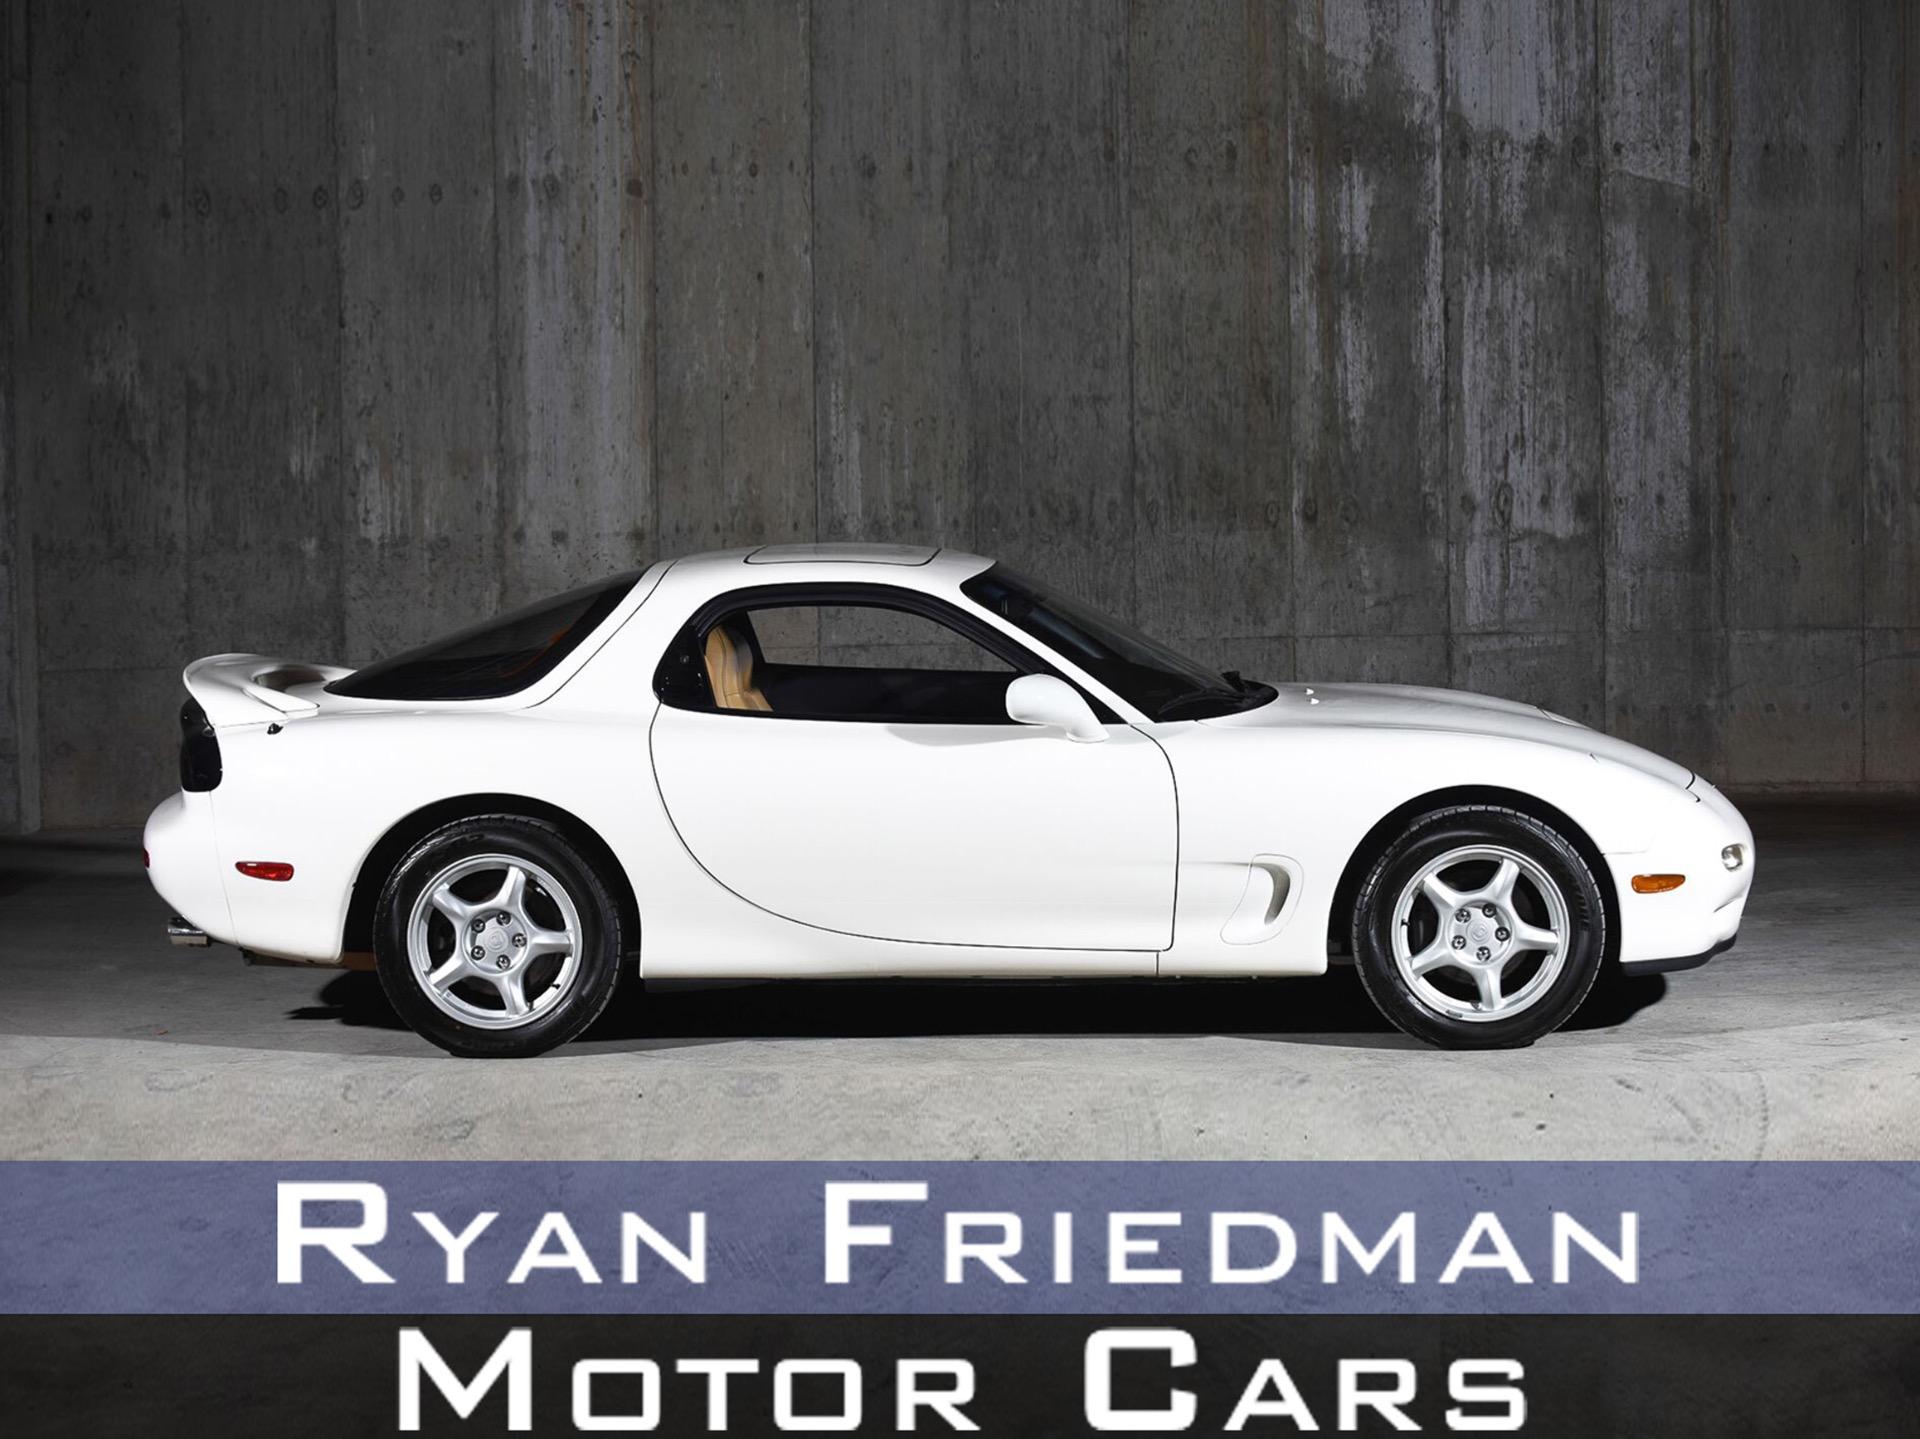 1994 Mazda RX-7 Turbo: 1994 Mazda RX-7 Turbo 12134 Miles White Hatchback R2 1.3L Manual